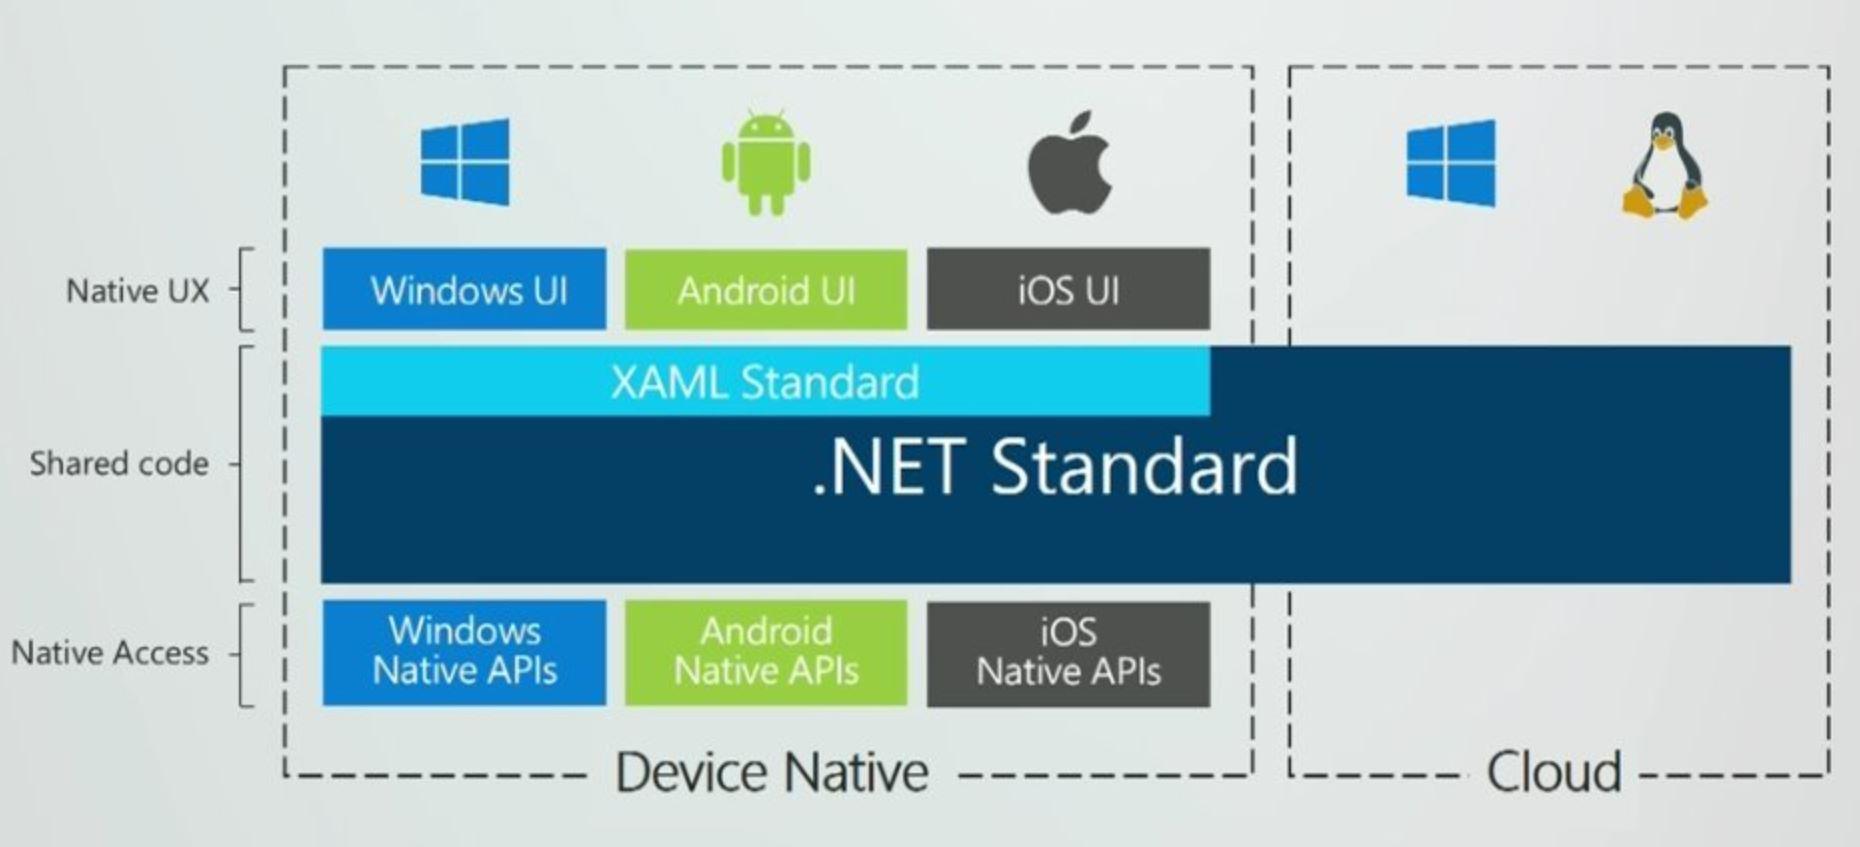 XAML standard